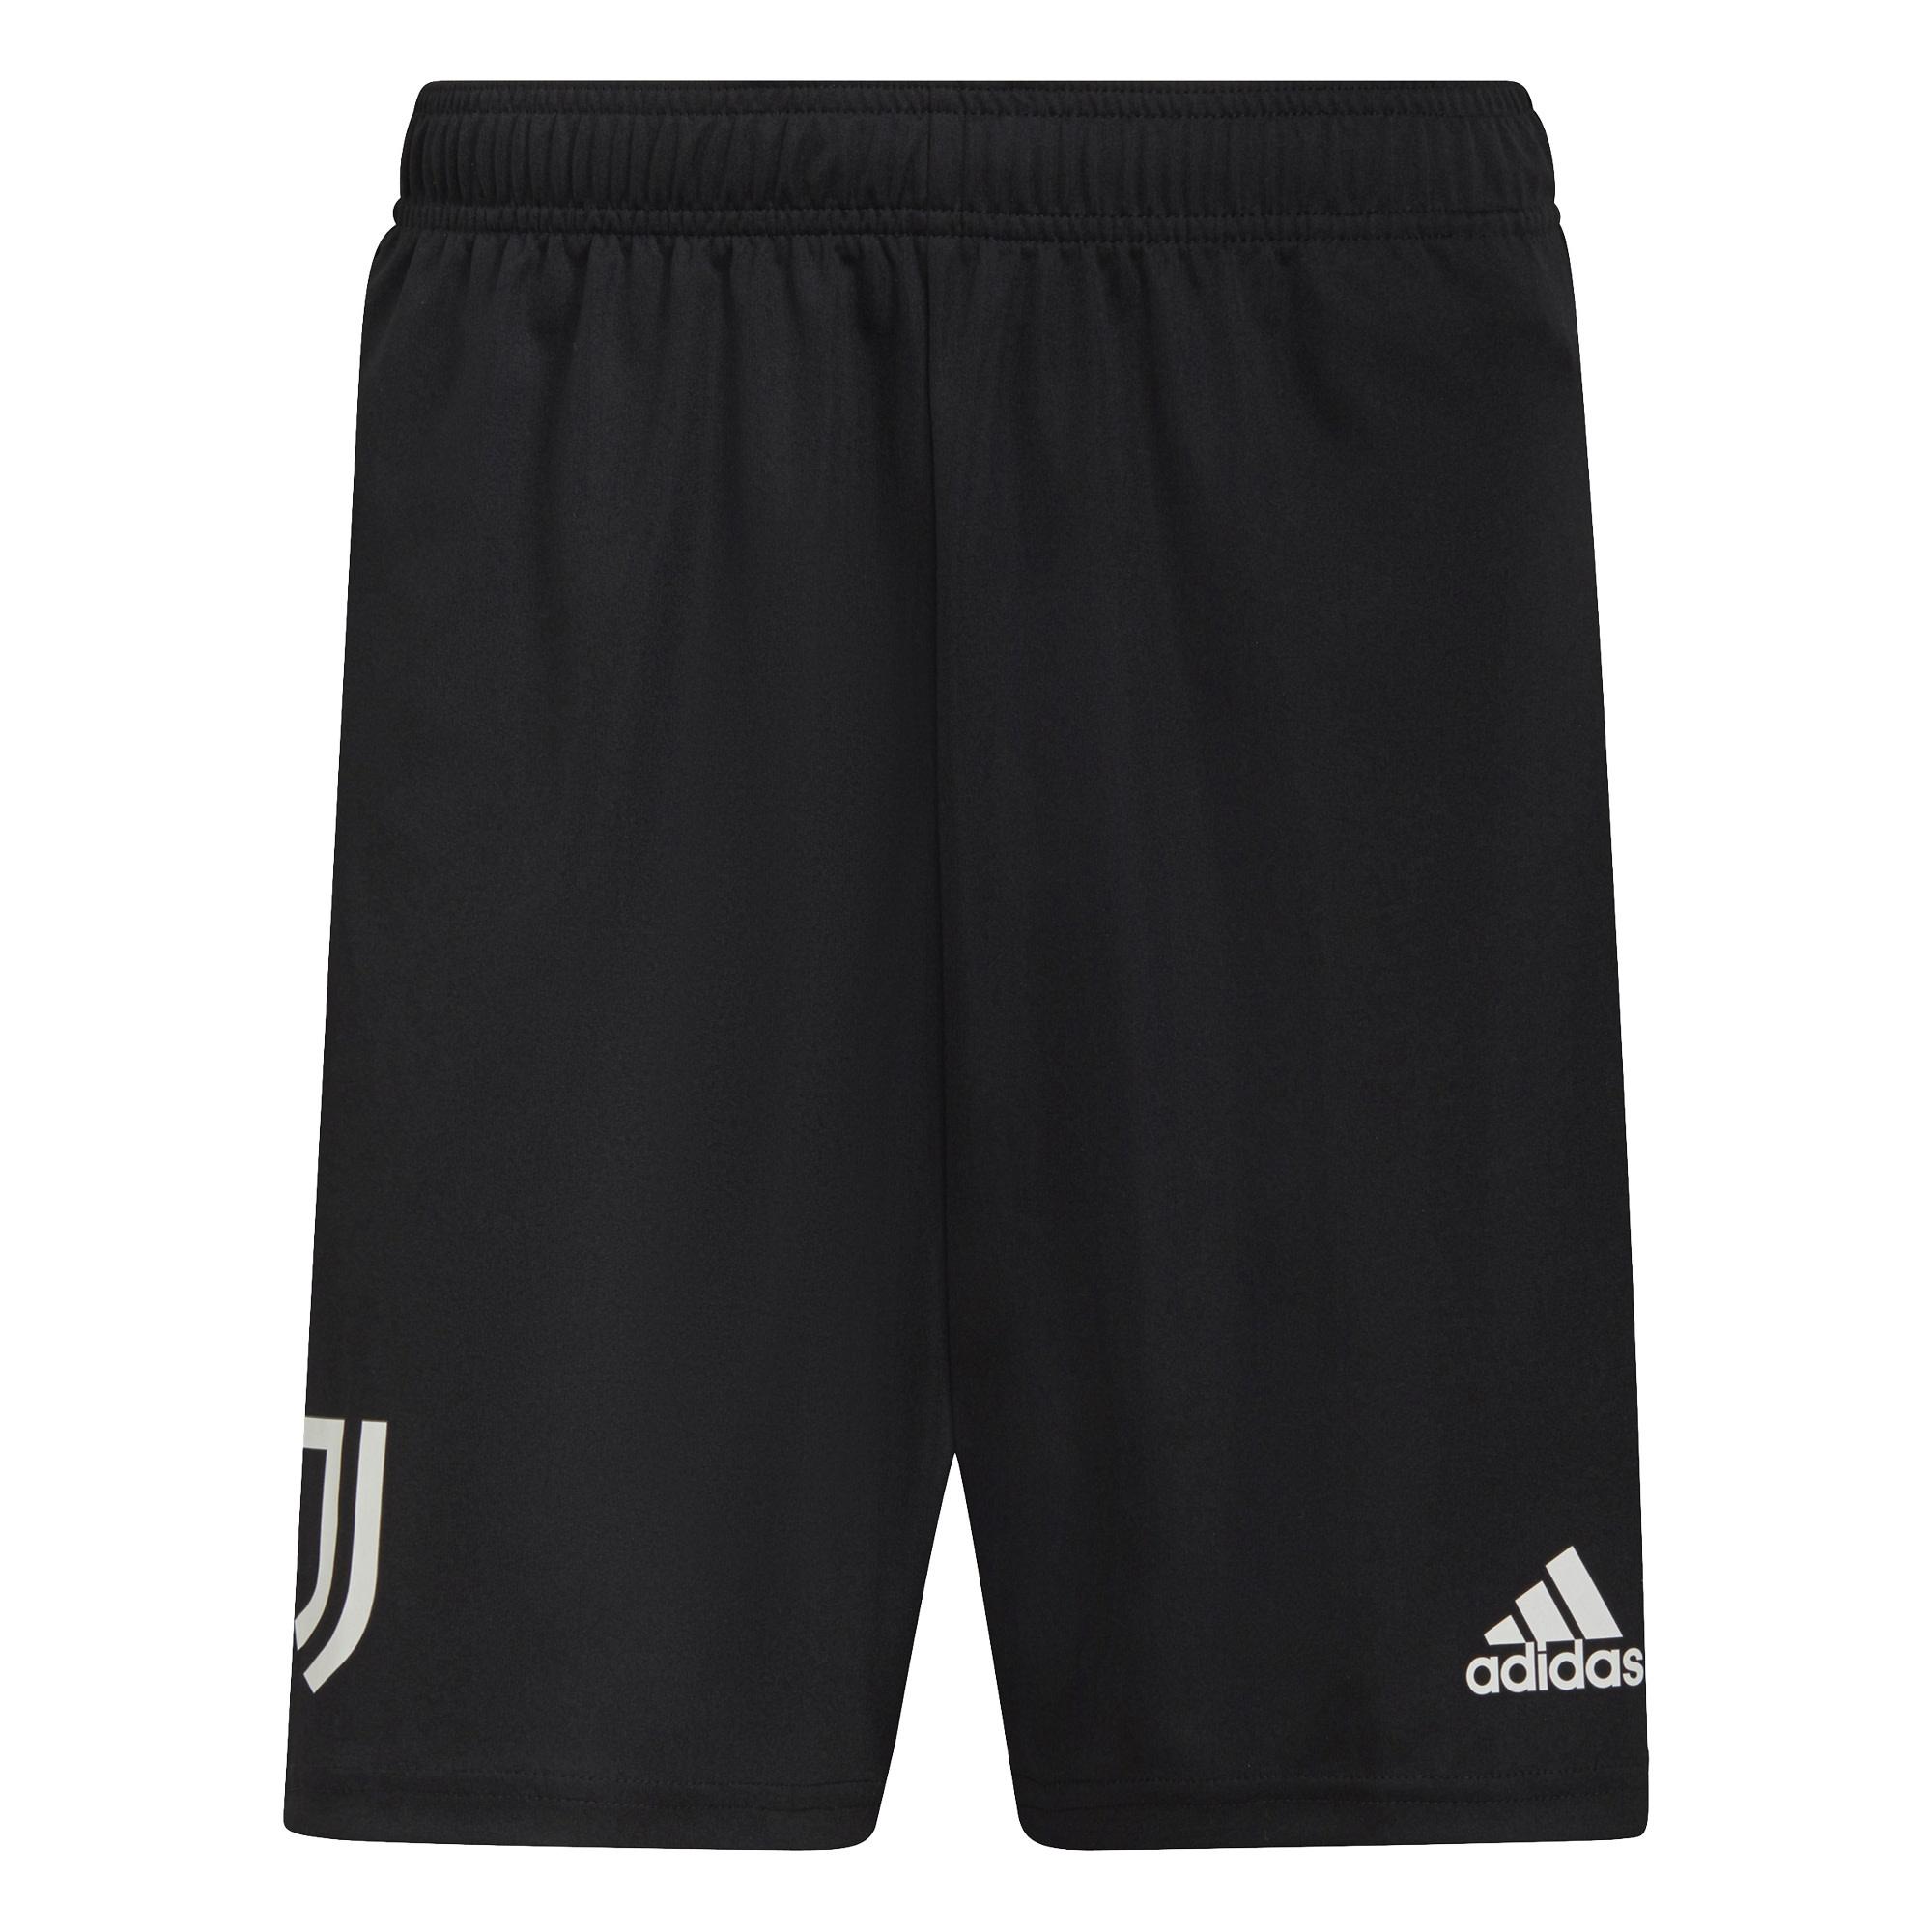 Adidas Juventus Training Short '21-'22